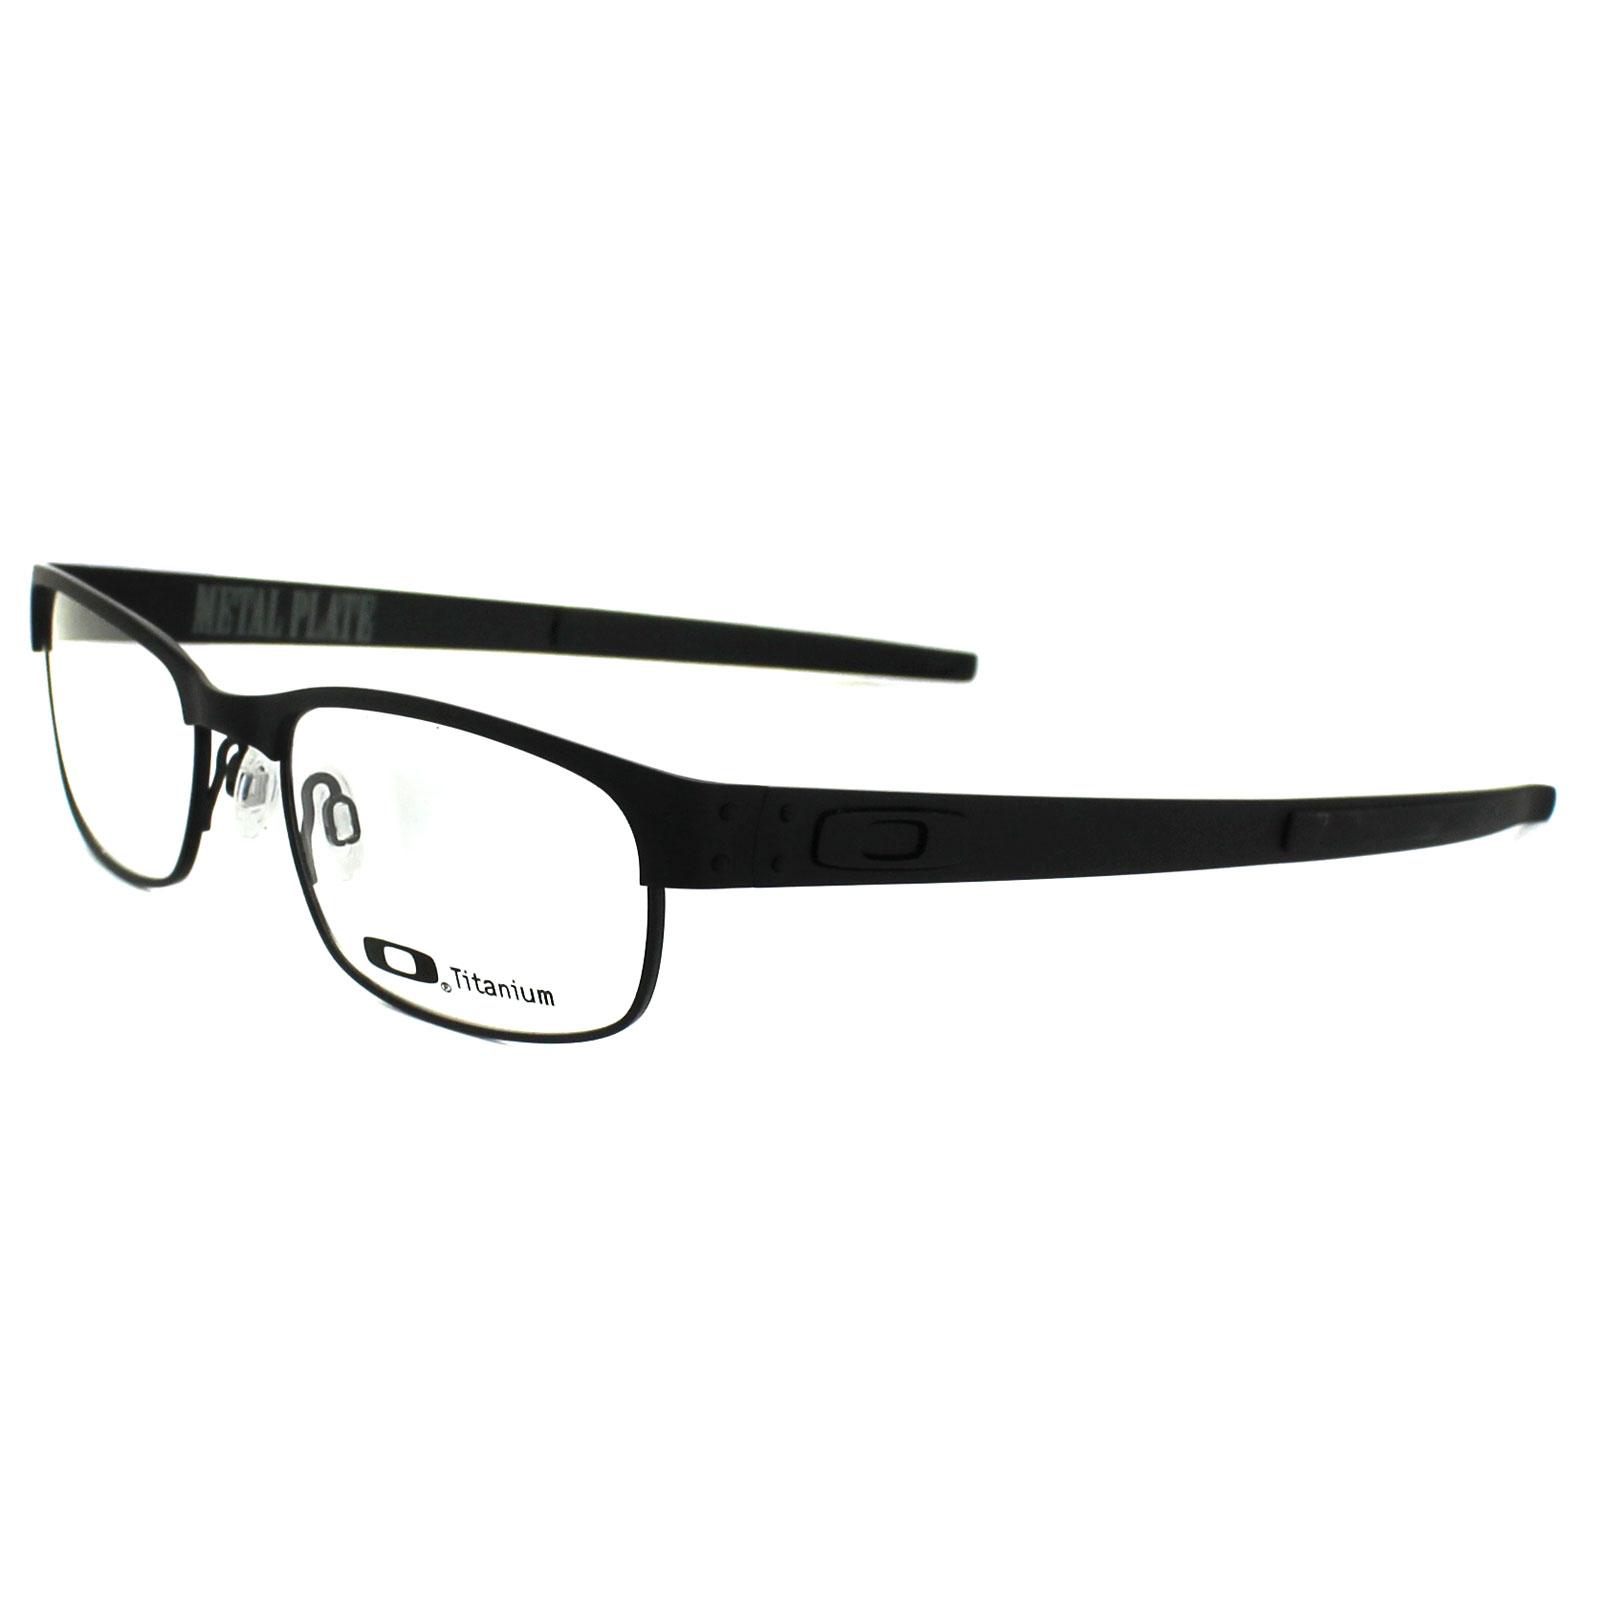 oakley glasses frames metal plate 22 198 matt black ebay